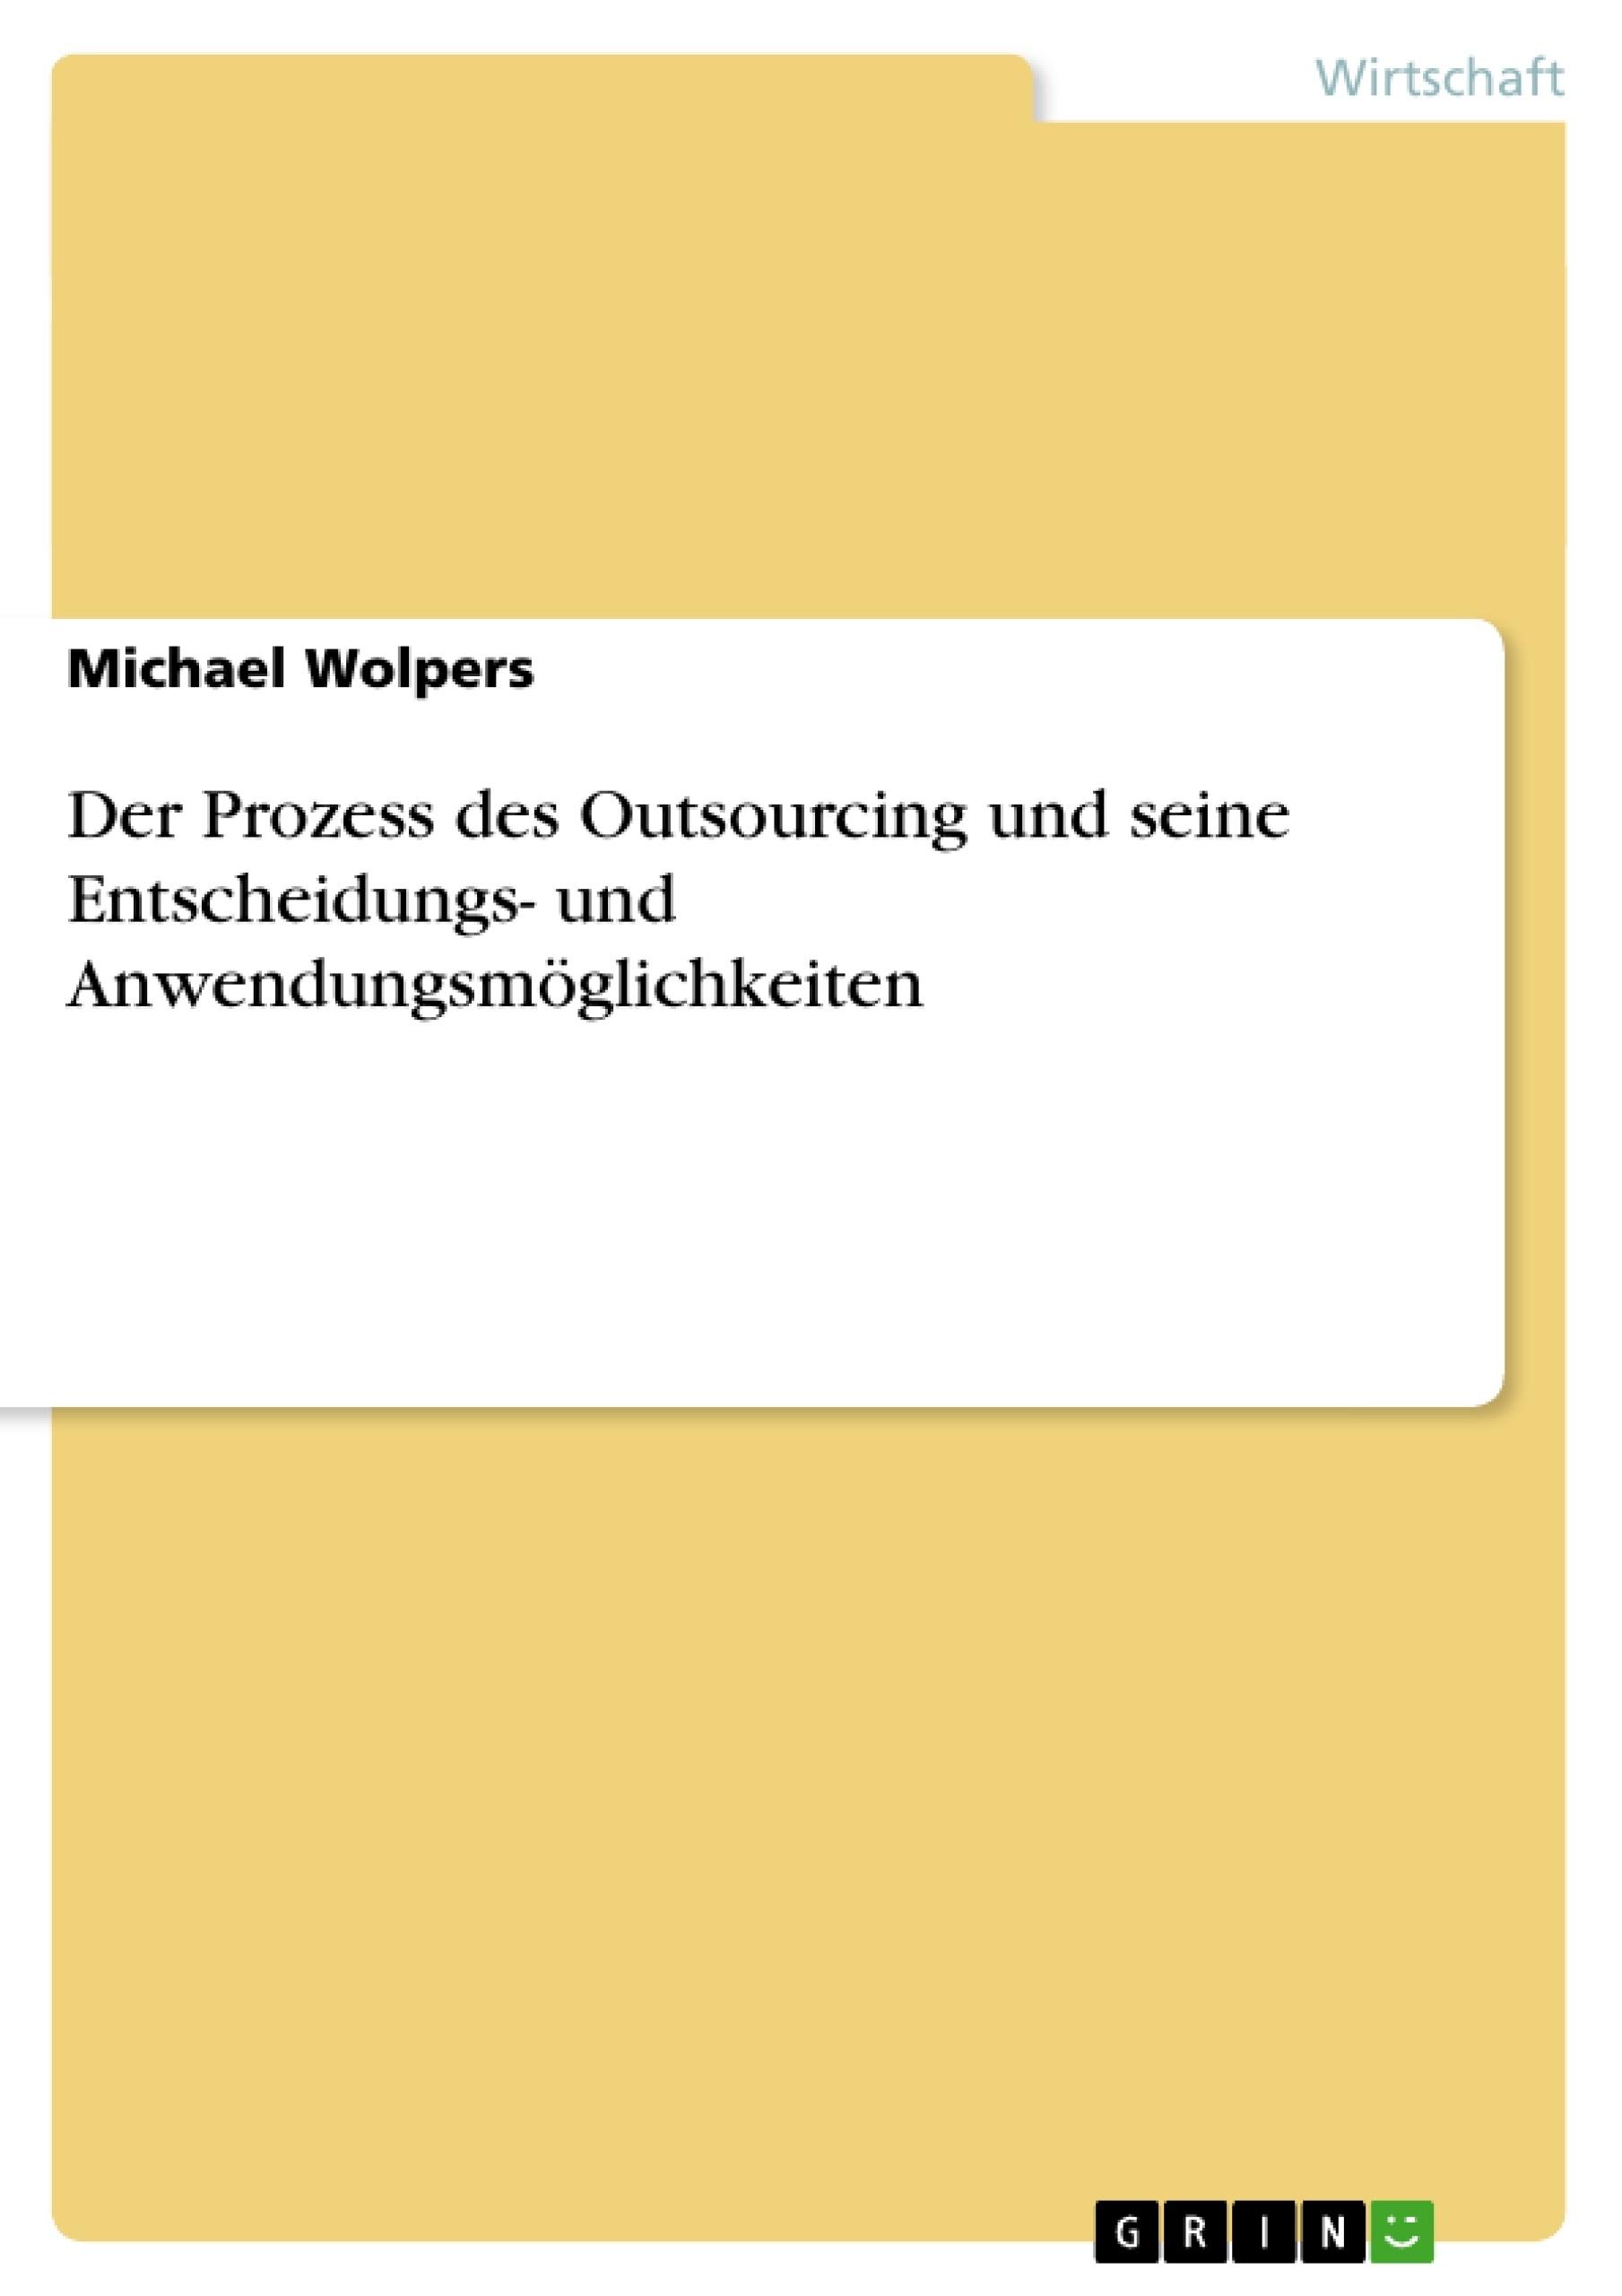 Titel: Der Prozess des Outsourcing und seine Entscheidungs- und Anwendungsmöglichkeiten